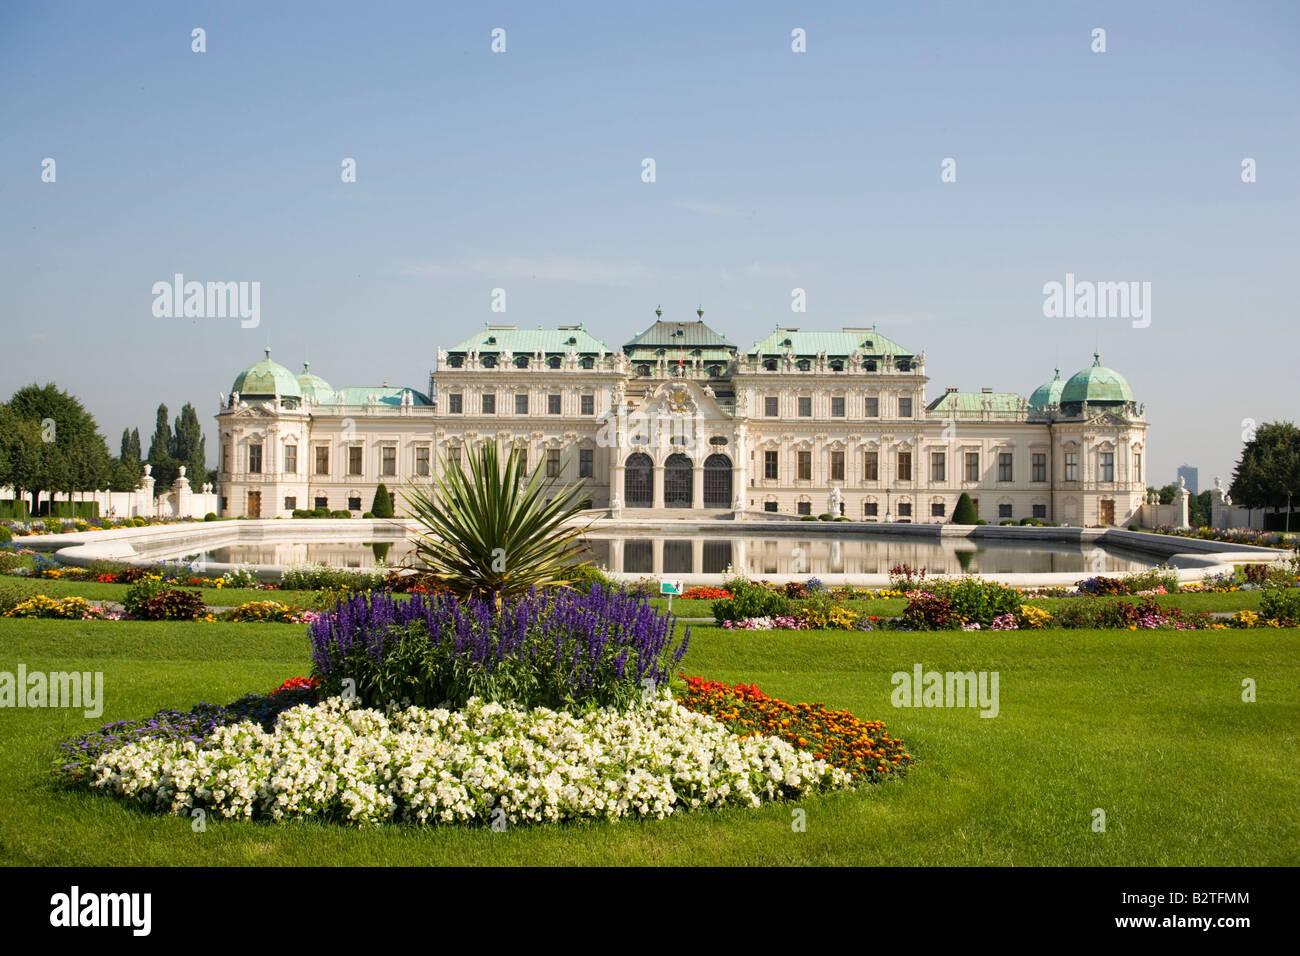 Schloss Belvedere, der Heimat von Prinz Eugene von Savoyen, Wien, Österreich Stockfoto